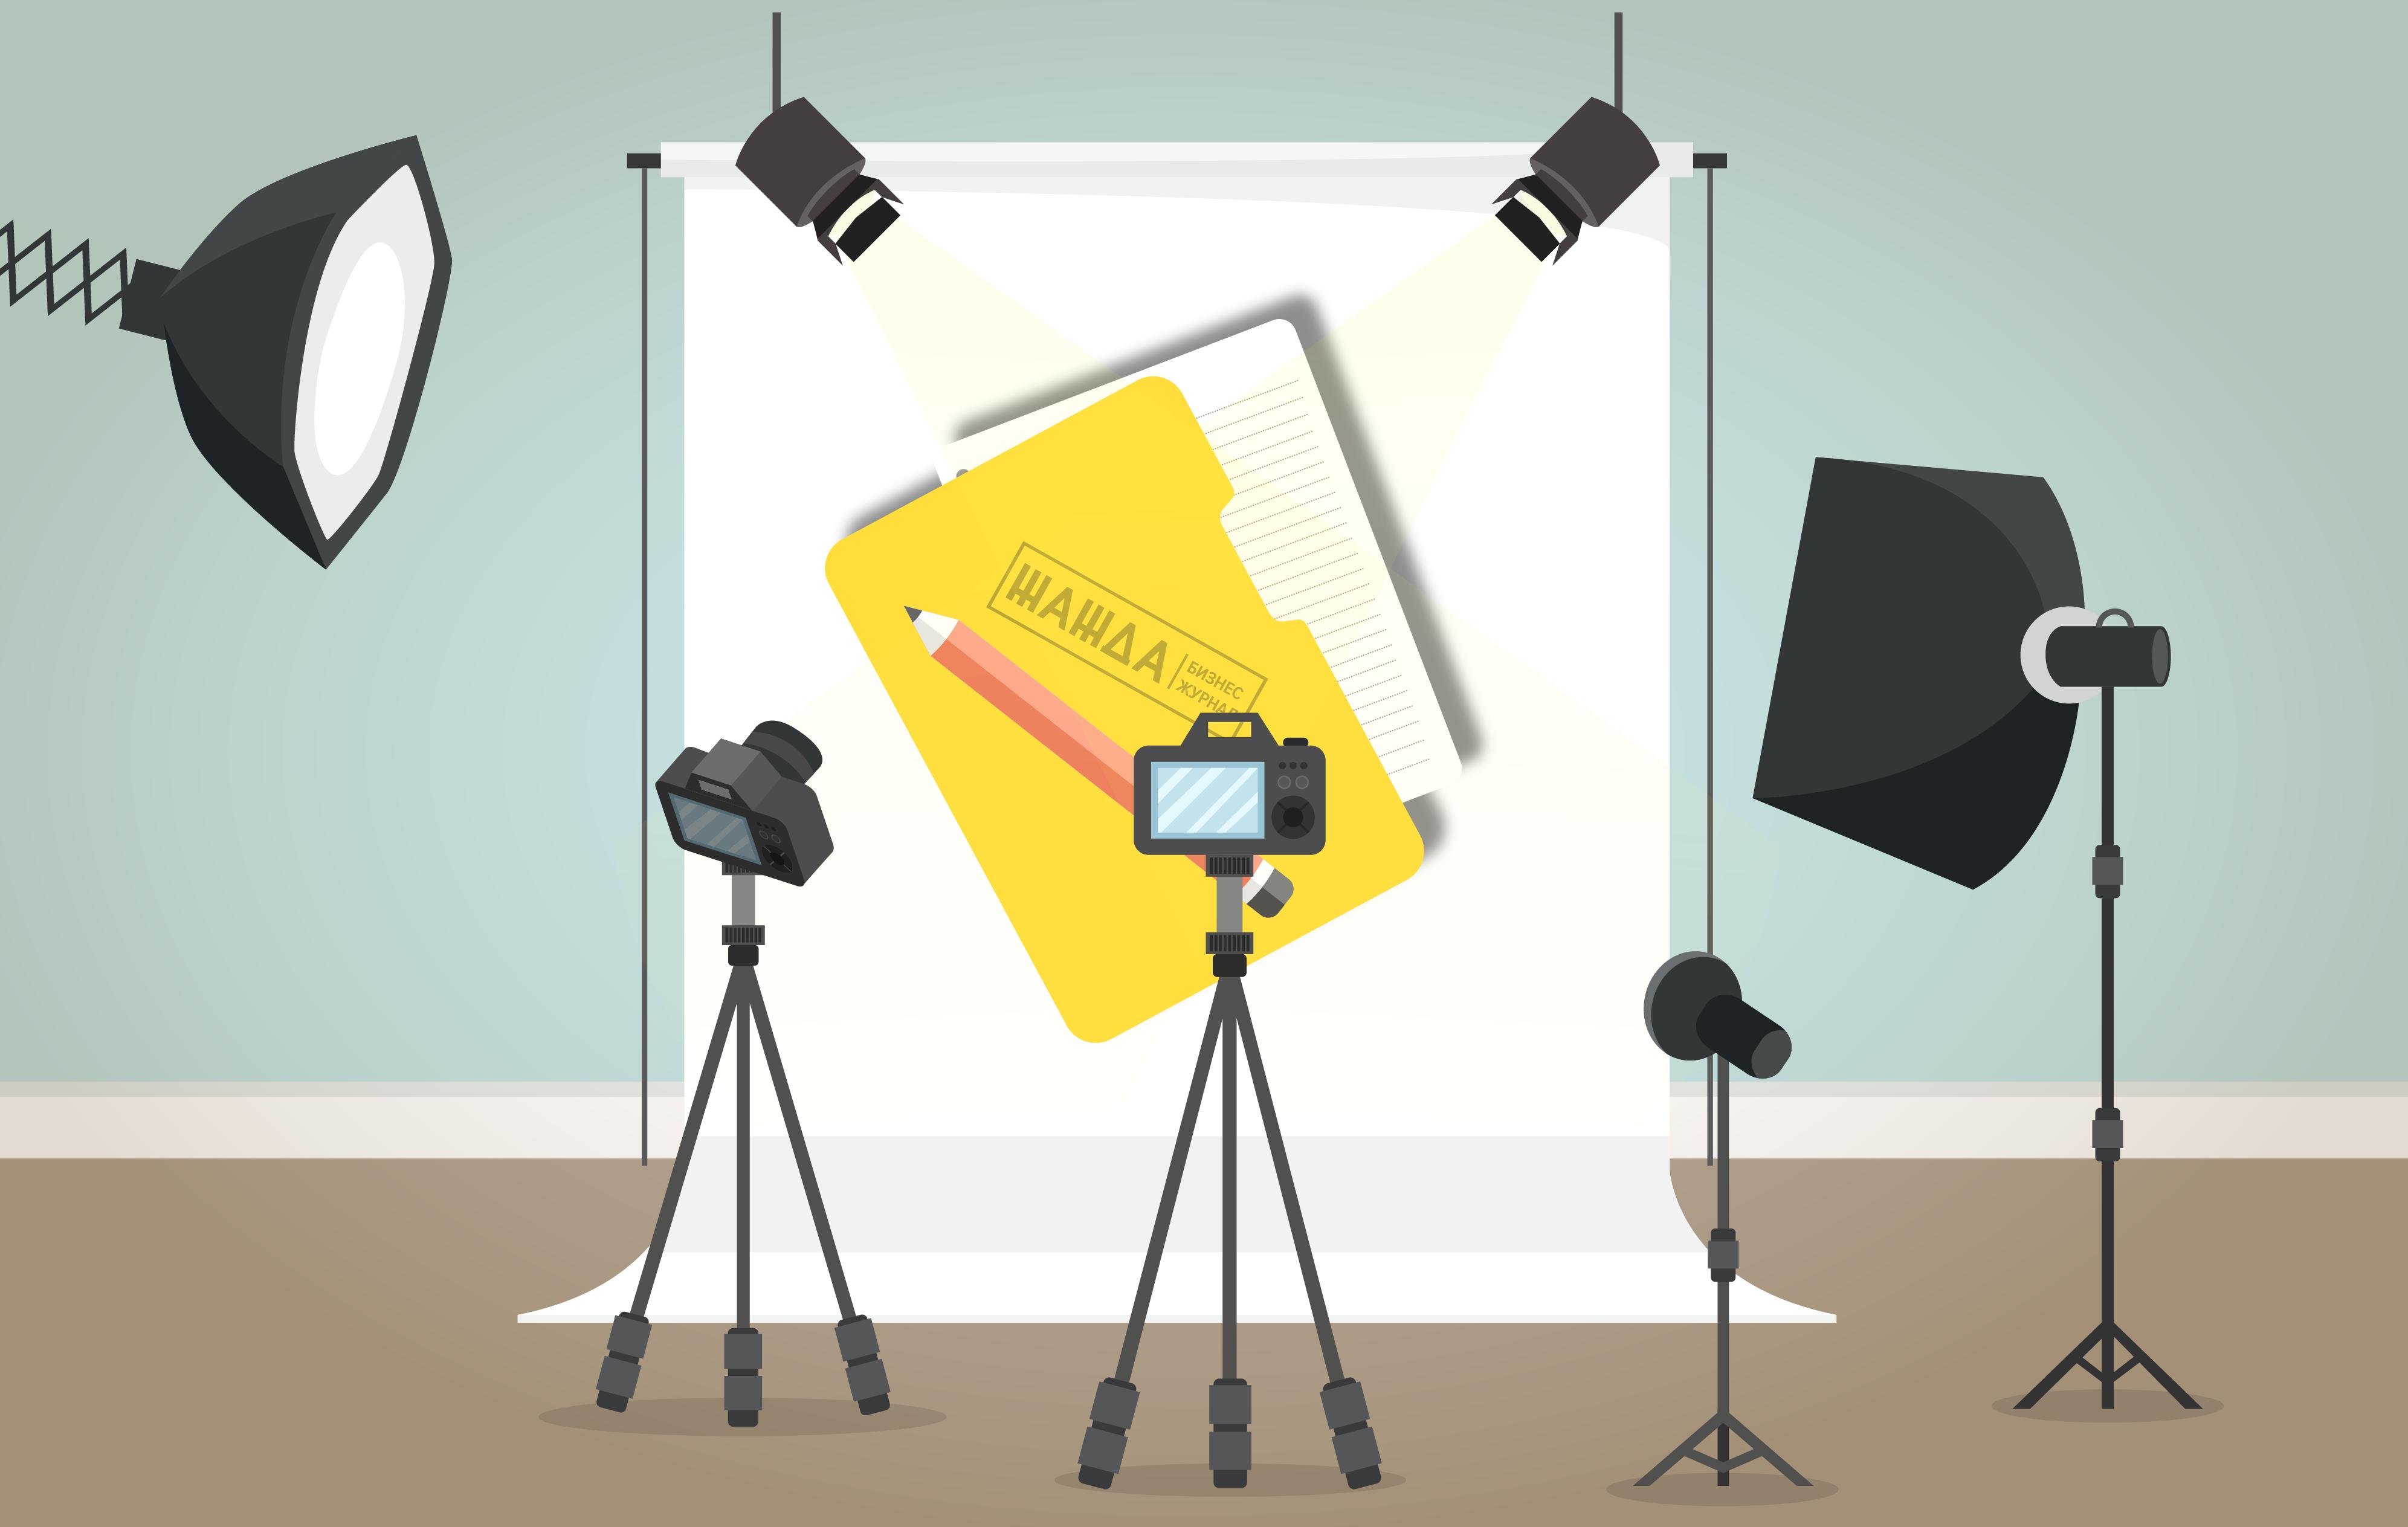 регистрация фотостудии как ип